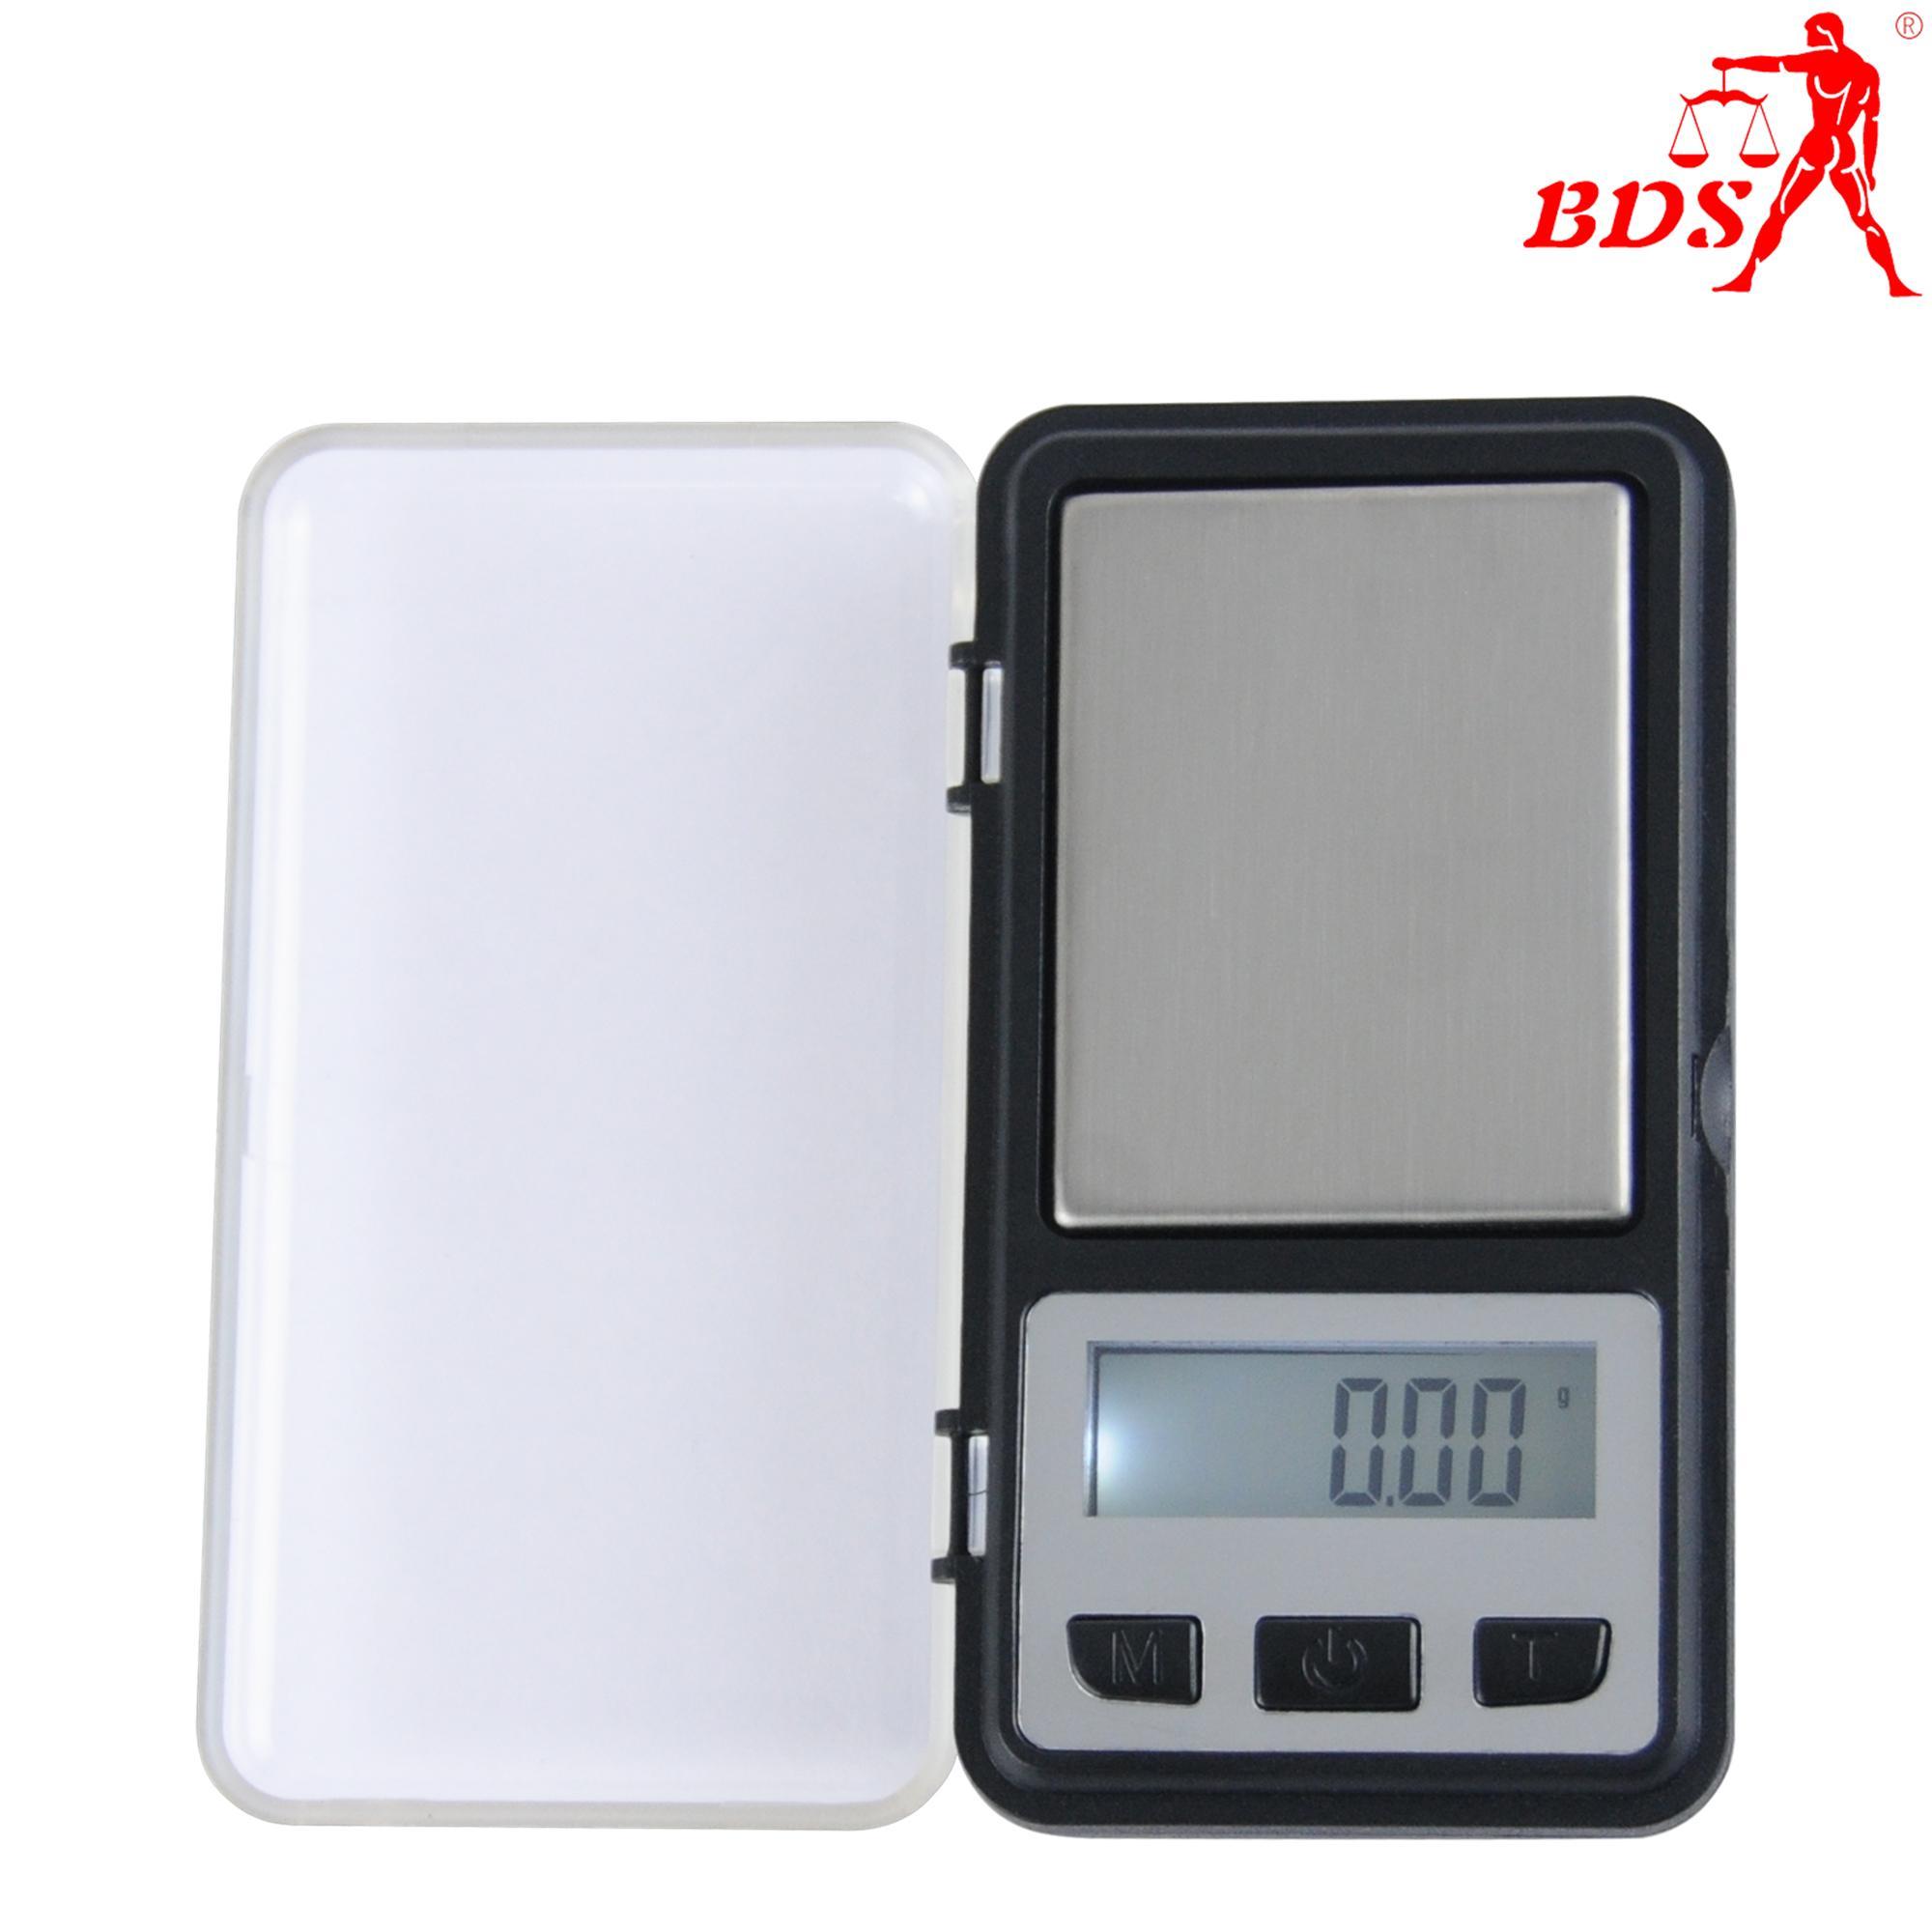 深圳北斗星衡器BDS6010便攜式電子口袋秤,珠寶秤 1